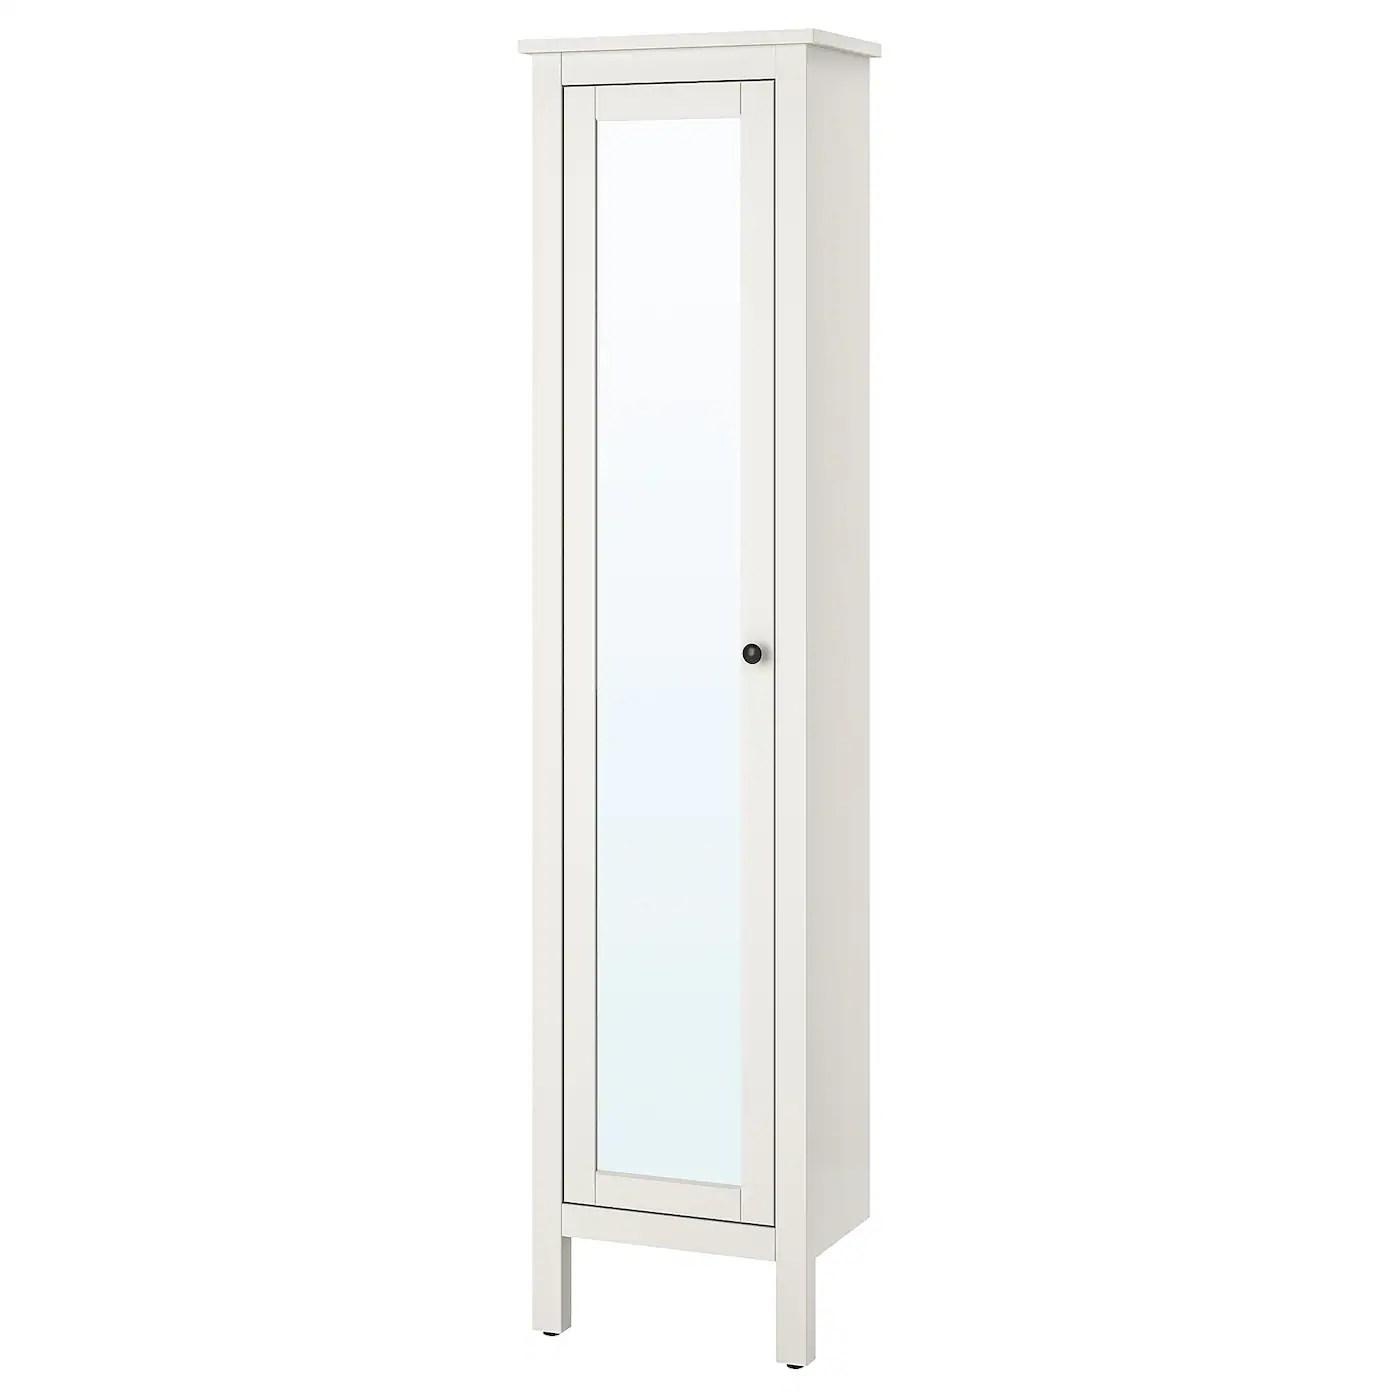 Hemnes Colonne Avec Porte Miroir Blanc 49x31x200 Cm Ikea